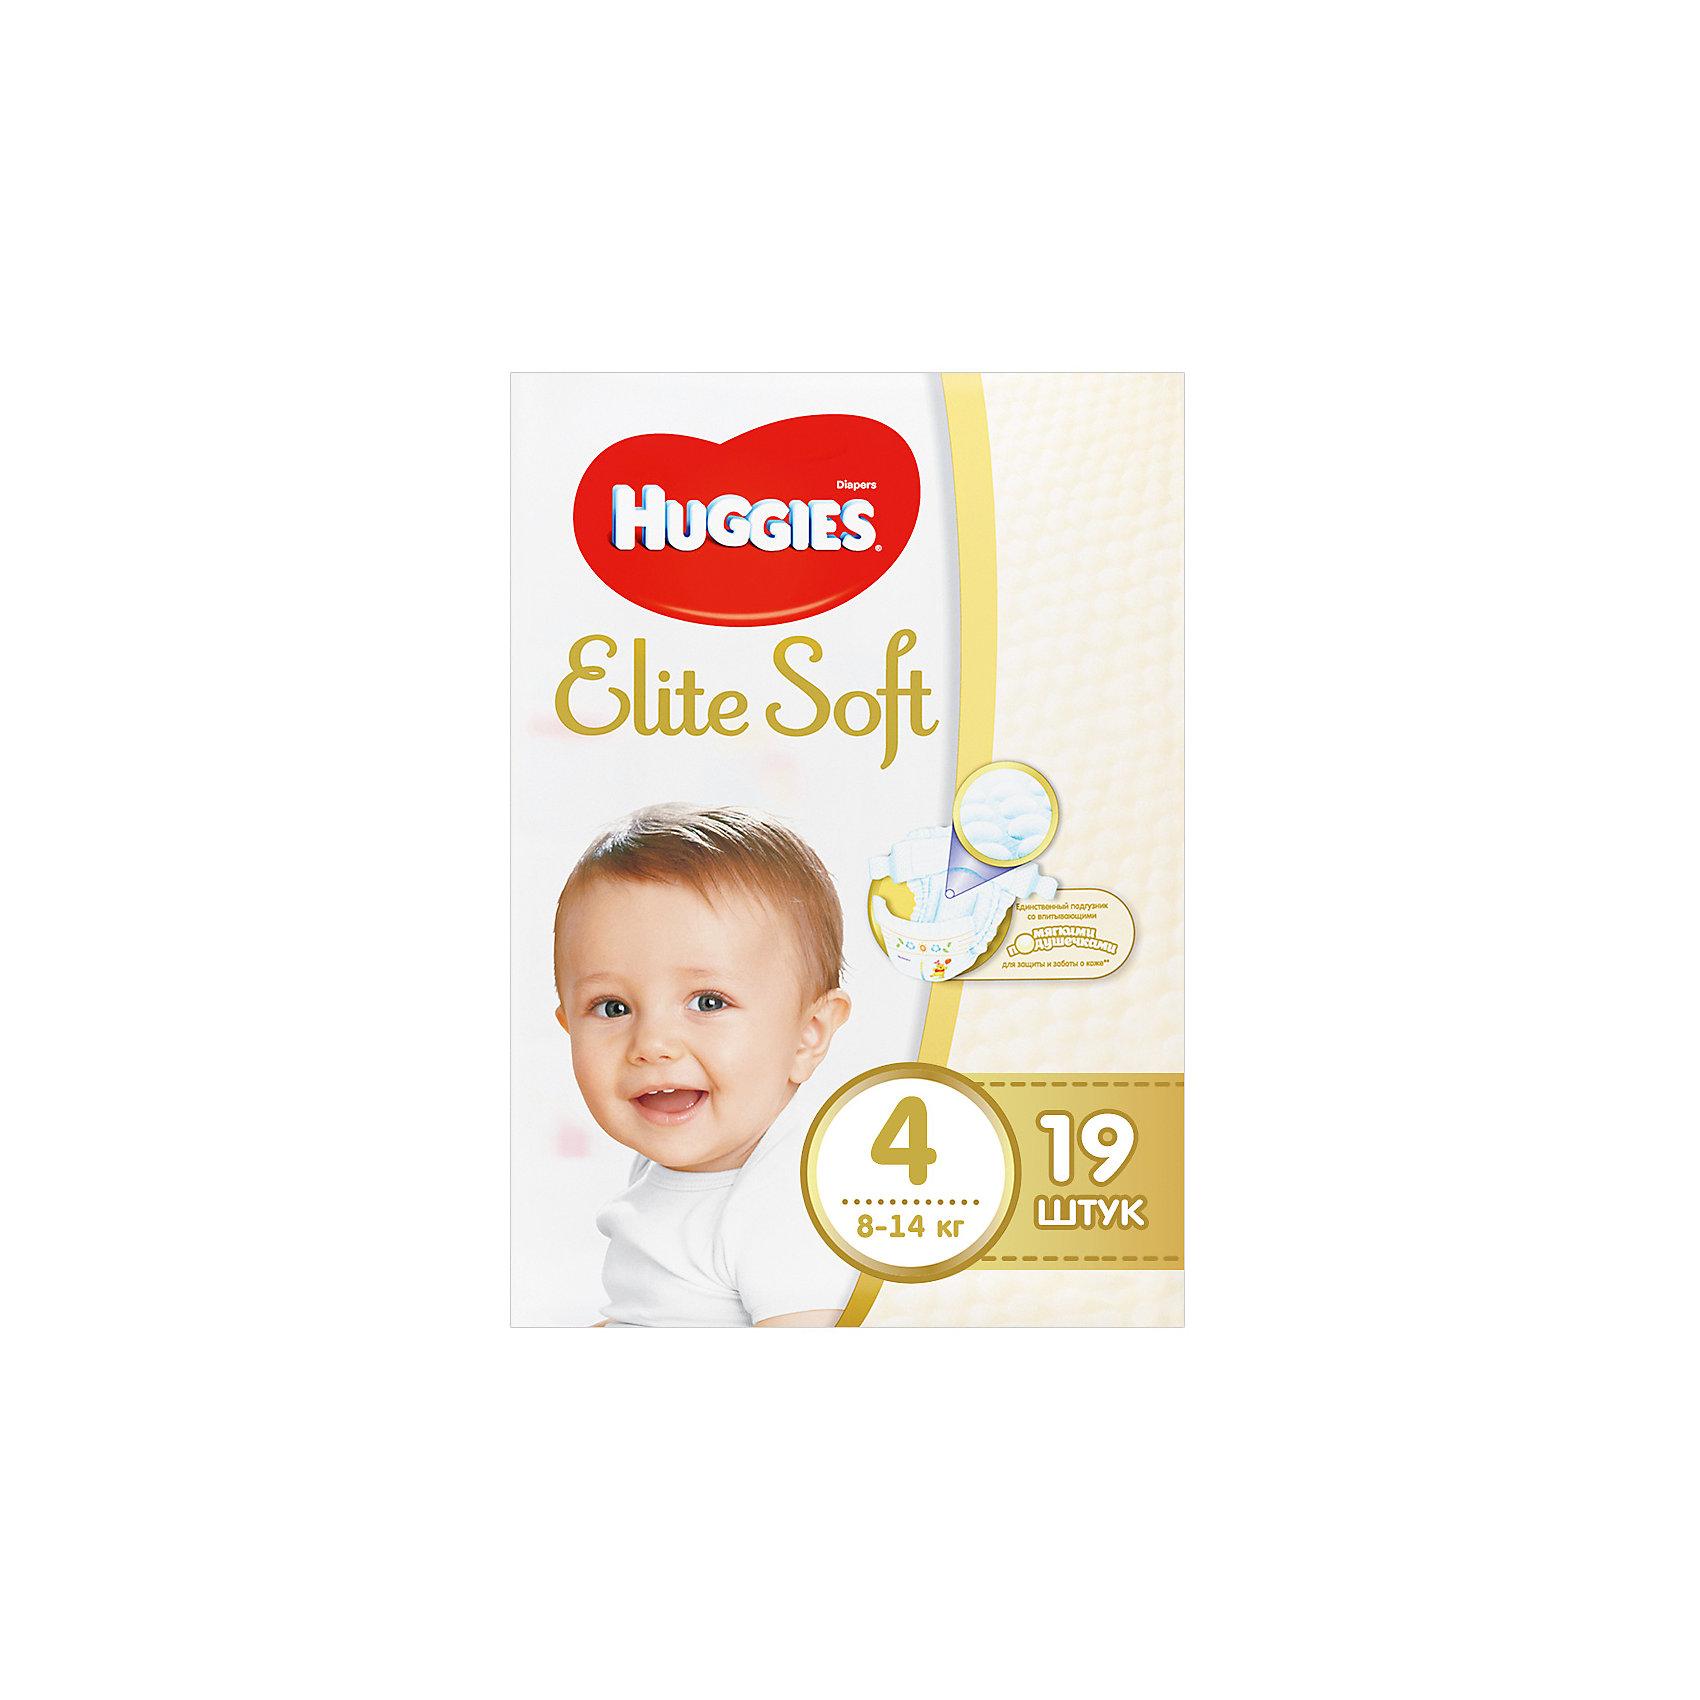 Подгузники Elite Soft 4, 8-14 кг, 19 шт., HuggiesНоваторская разработка Huggies –  это супер-мягкий слой подгузников Текстор с  подушечками, который обеспечивают невероятную мягкость и создают специальную нежную преграду между кожей ребенка и жидким стулом. <br><br>Свойства:<br>- Мягкий суперэластичный пояс для лучшего прилегания.<br>- Застежки легко застегиваются и расстегиваются в любом месте подгузника.<br>- Содержит натуральный 100%-ный хлопок.<br>- Пористые материалы позволяют коже дышать.<br>-  Внутренний кармашек помогает предотвратить протекание.<br>- Новый супер мягкий слой SoftAbsorb впитывает жидкий стул и влагу за секунды, помогая сохранить кожу сухой.<br>- Новые мягкие подушечки создают нежную преграду  между кожей малыша и жидким стулом.<br>- Индикатор влаги меняет цвет, когда подгузник намокает.<br><br>Дополнительная информация:<br><br>- Возраст: с 6 месяцев.<br>- Вес ребенка: от 8 до 14 кг.<br>- Кол-во в упаковке: 19 шт.<br>- Вес в упаковке: 676 г.<br><br>Купить подгузники  Elite Soft 4 от Huggies можно в нашем магазине.<br><br>Ширина мм: 220<br>Глубина мм: 130<br>Высота мм: 110<br>Вес г: 676<br>Возраст от месяцев: 6<br>Возраст до месяцев: 24<br>Пол: Унисекс<br>Возраст: Детский<br>SKU: 4861840